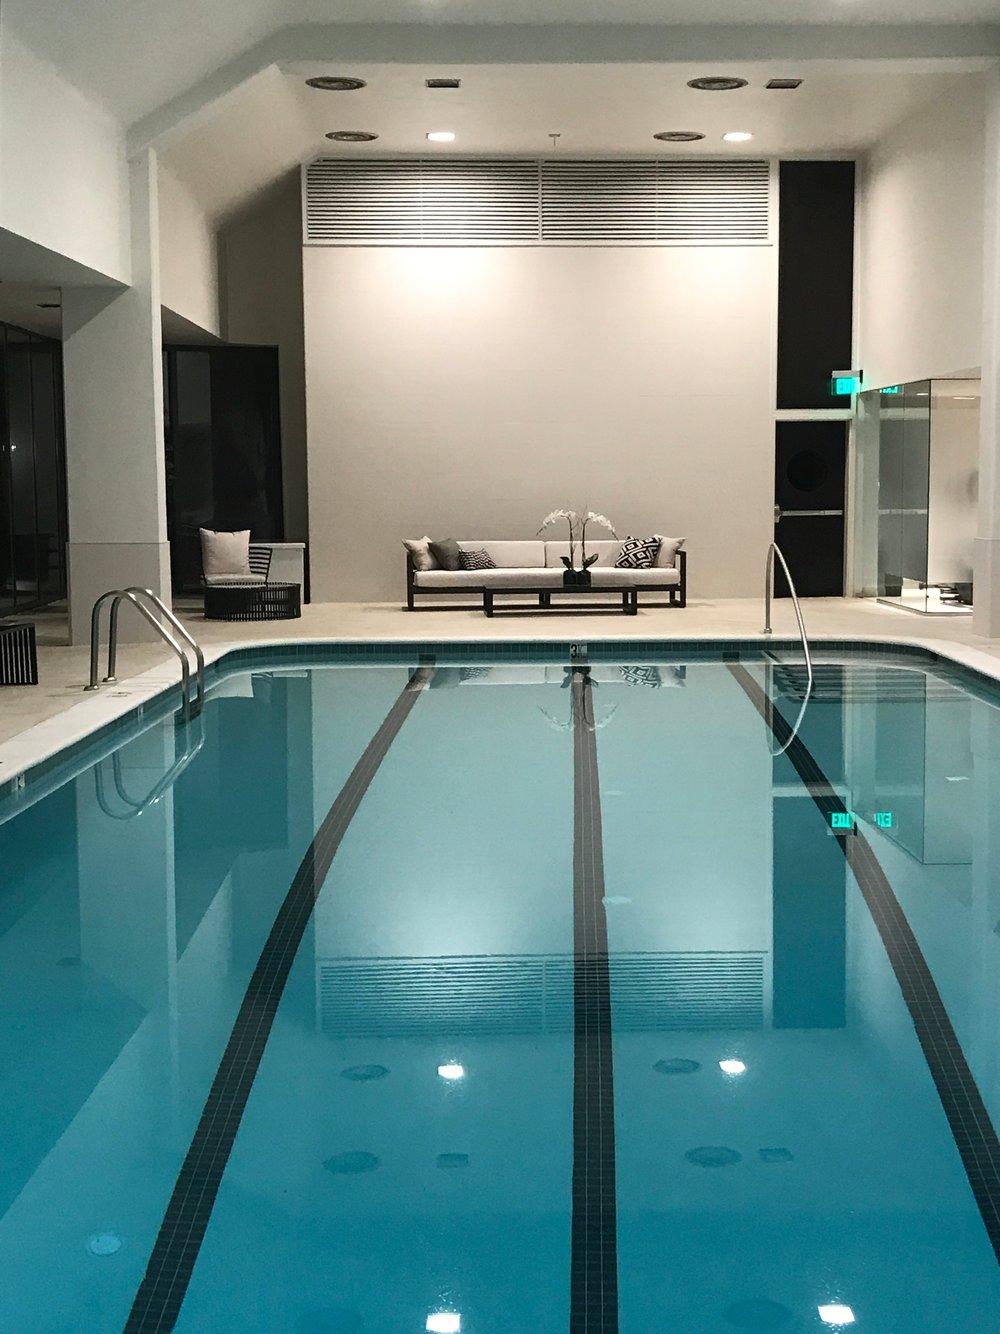 Indoor Pool with Doors opening to Outdoor Deck